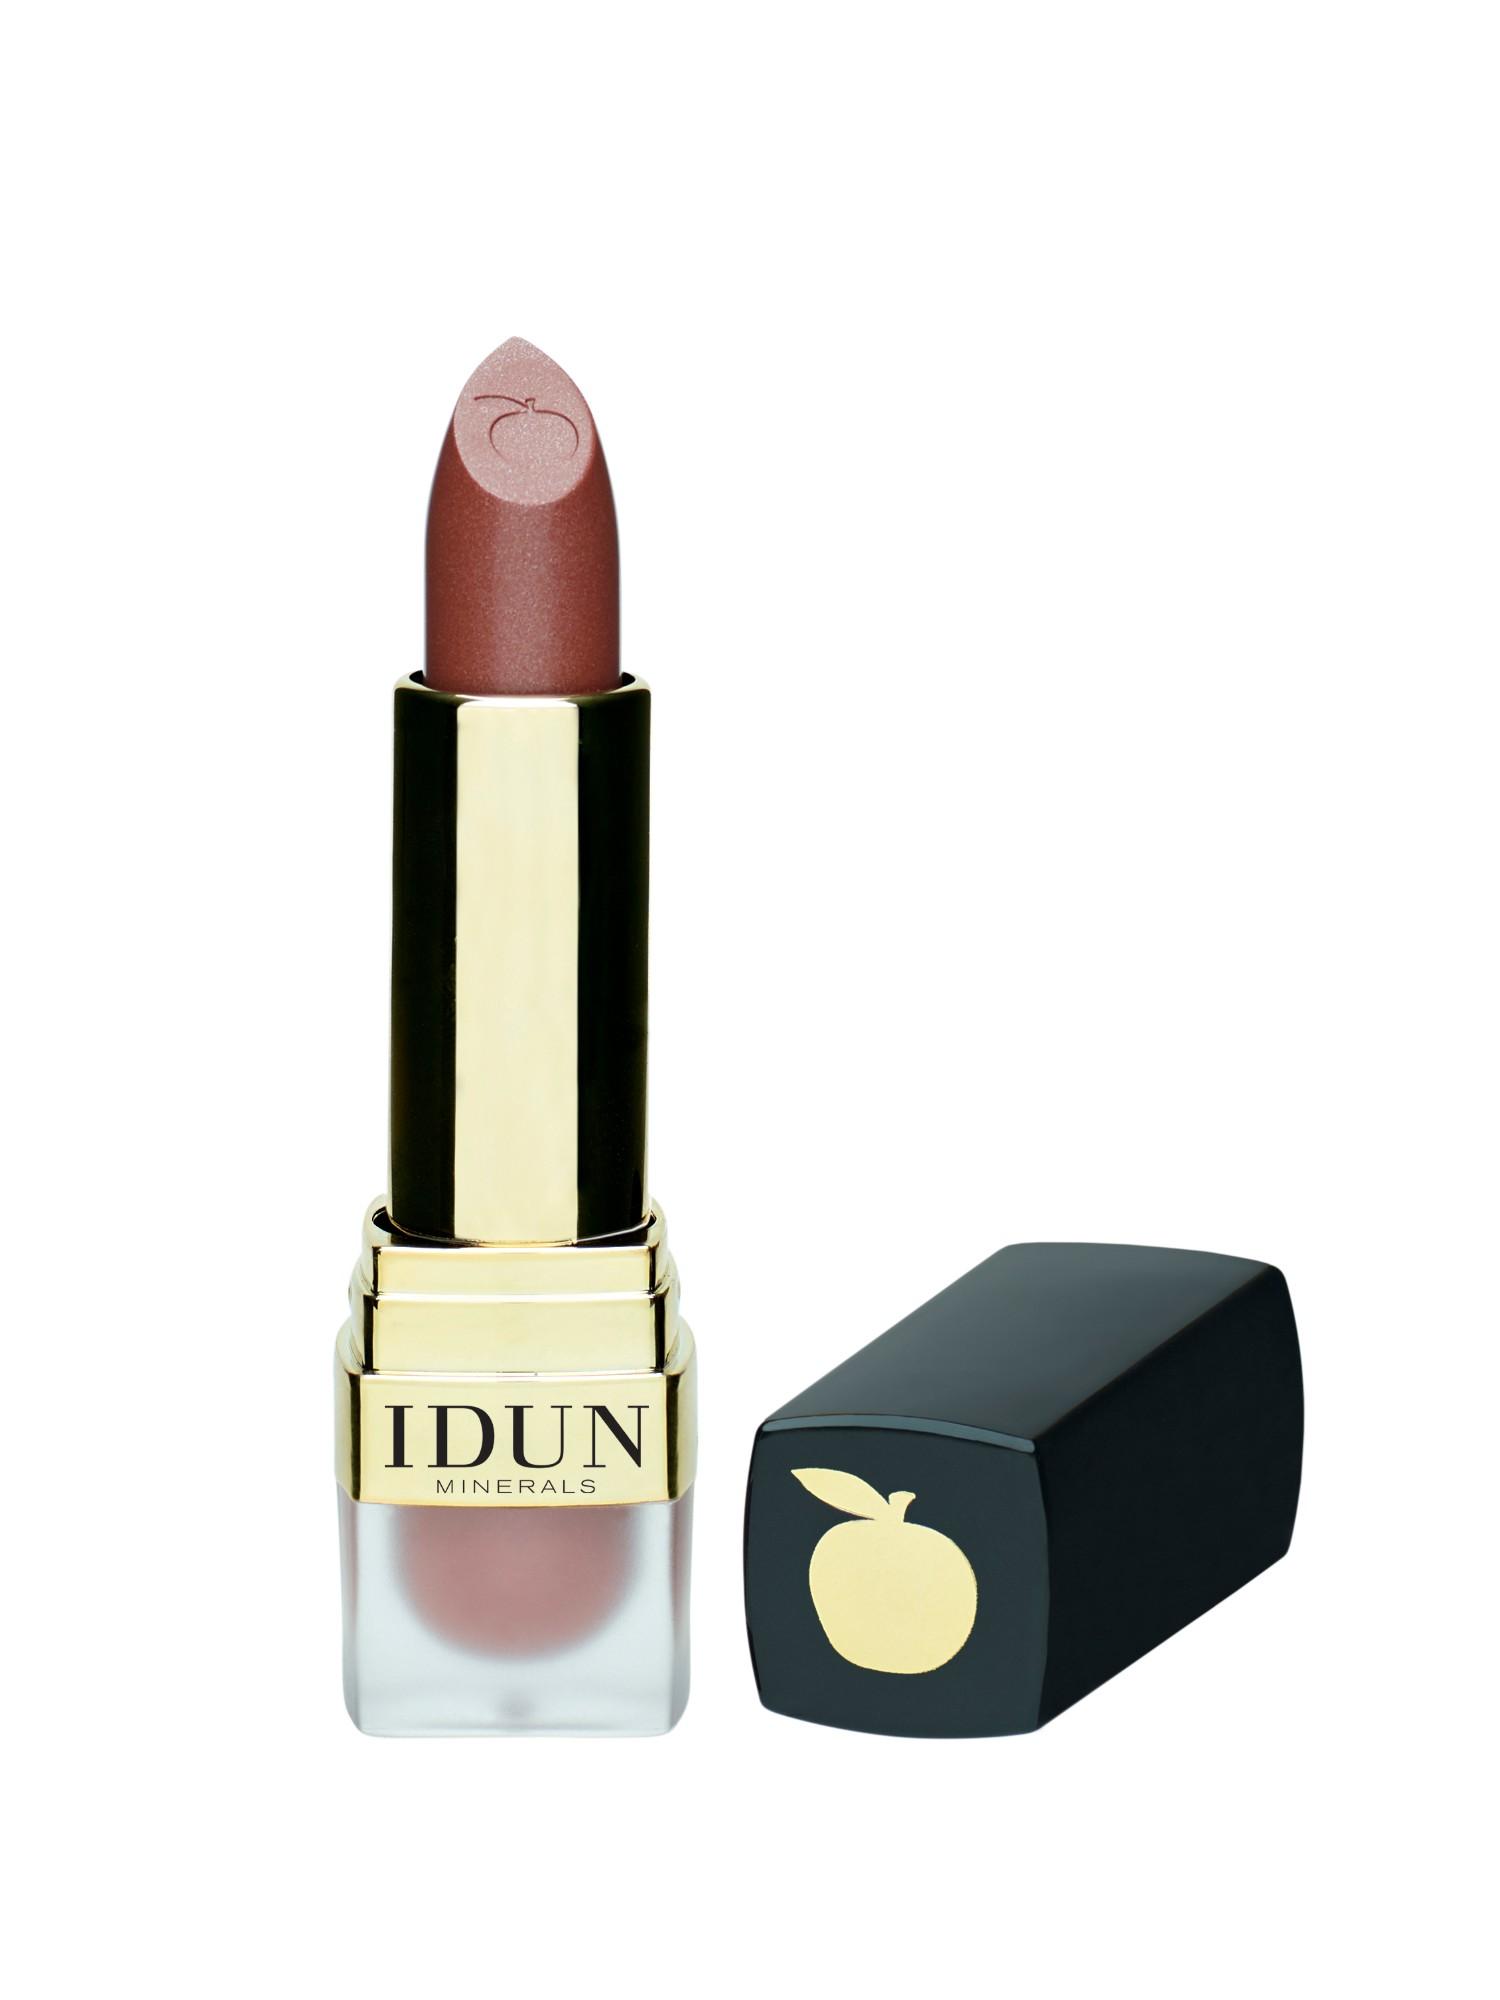 Kreminiai lūpų dažai IDUN MINERALS Stina, 3,6 g